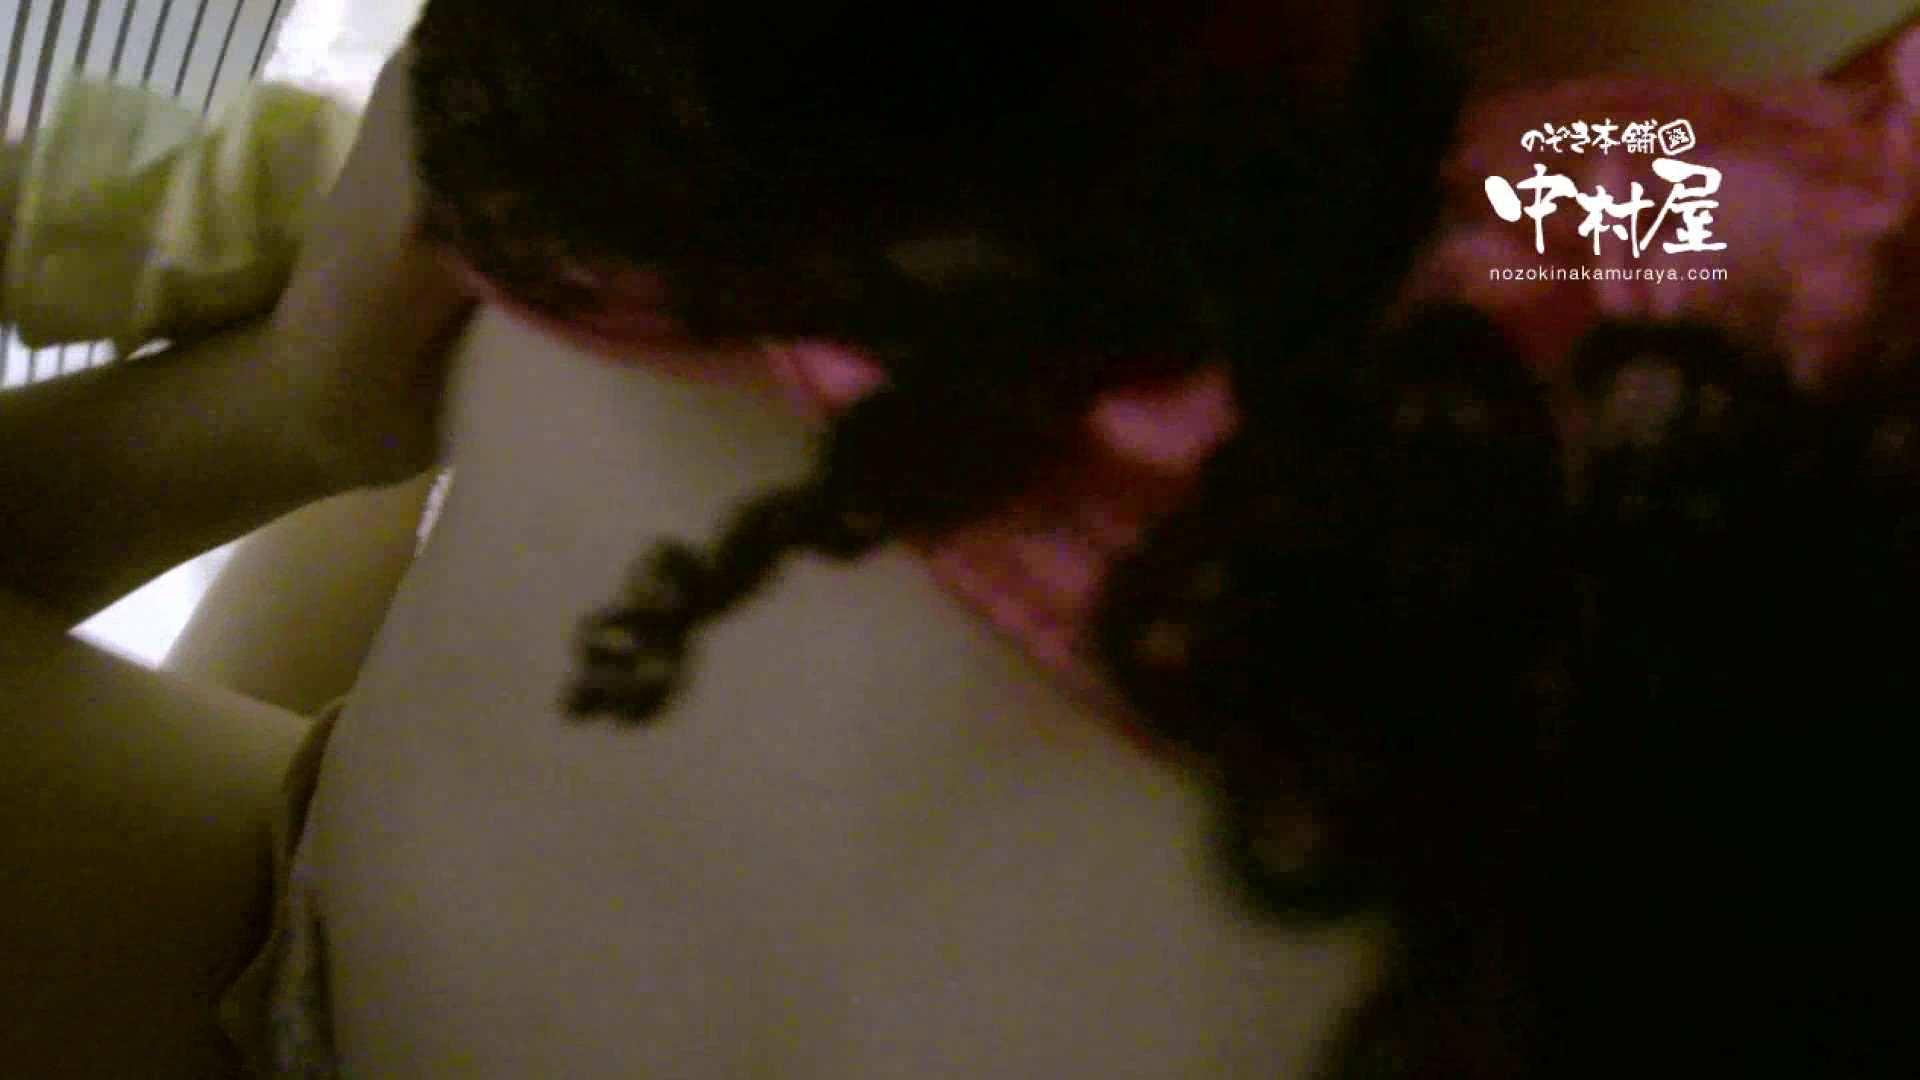 鬼畜 vol.17 中に出さないでください(アニメ声で懇願) 後編 美しいOLの裸体   鬼畜  69pic 19